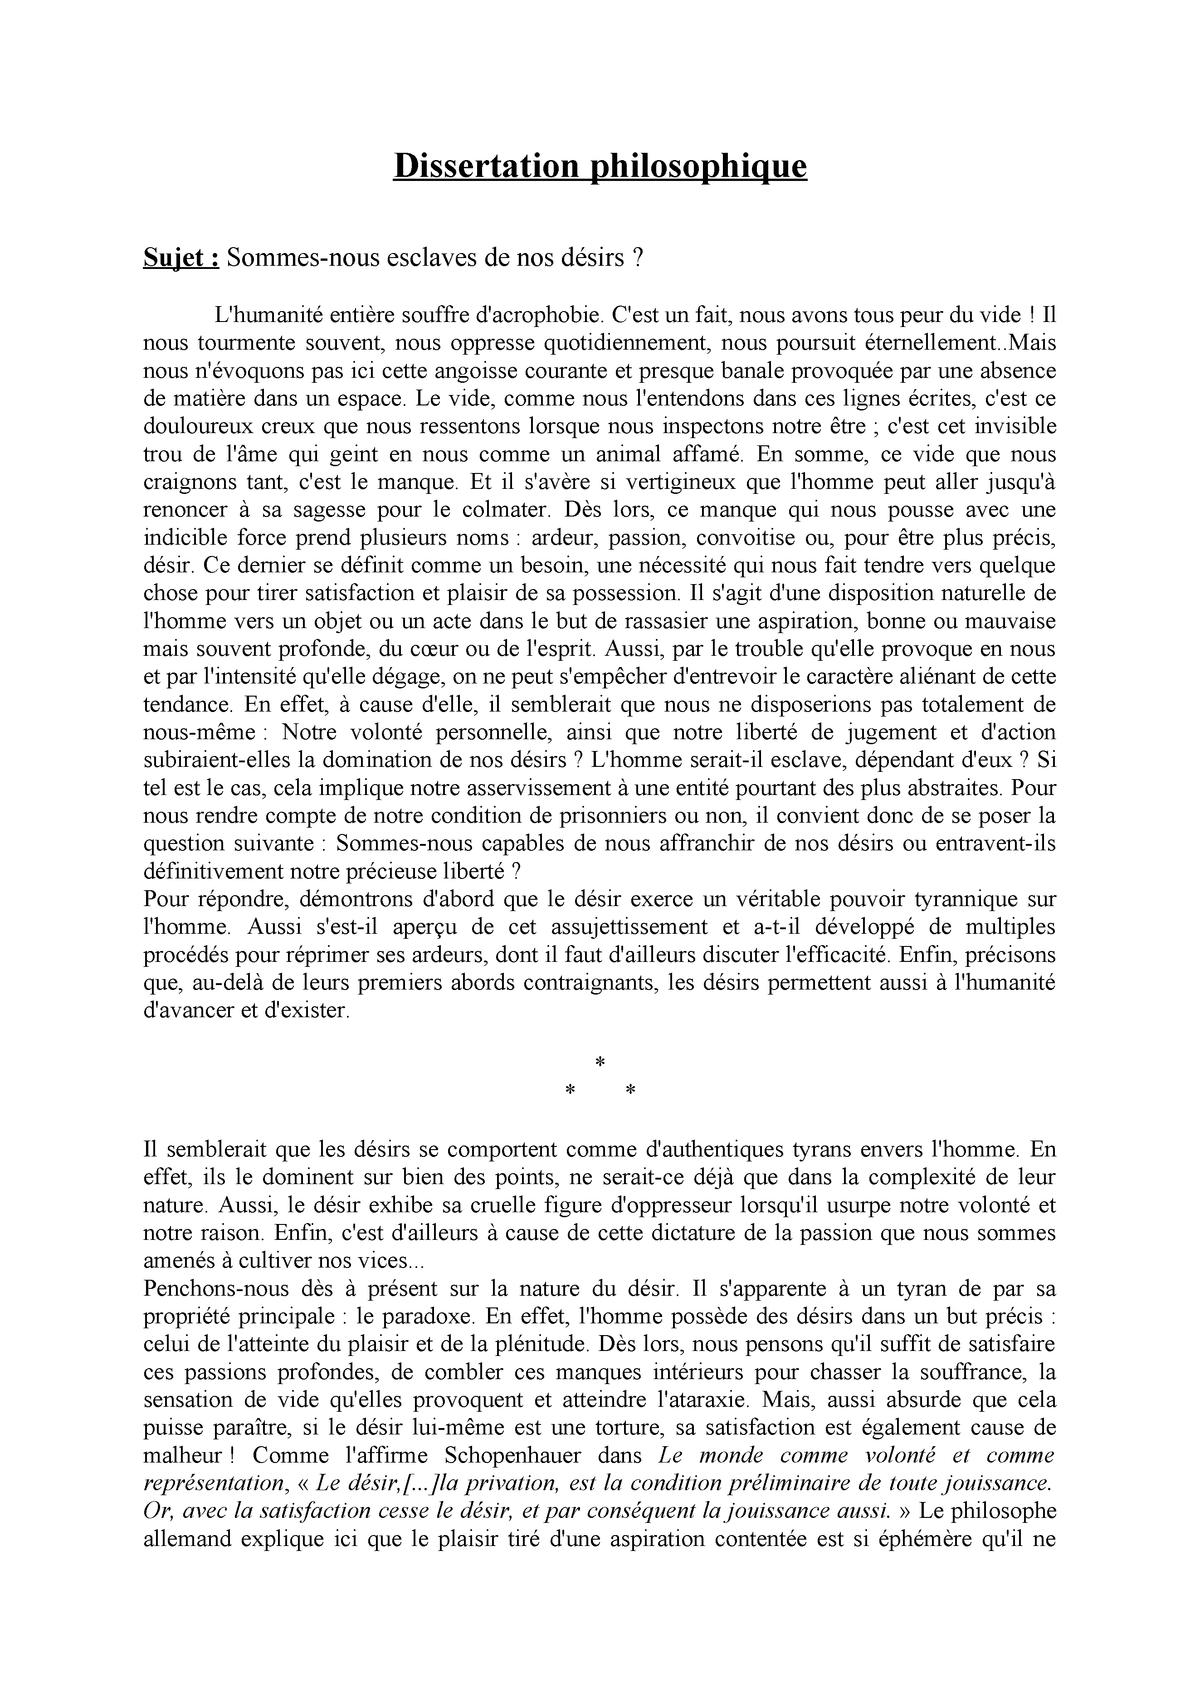 Sommes nous libre de nos choix dissertation proposal